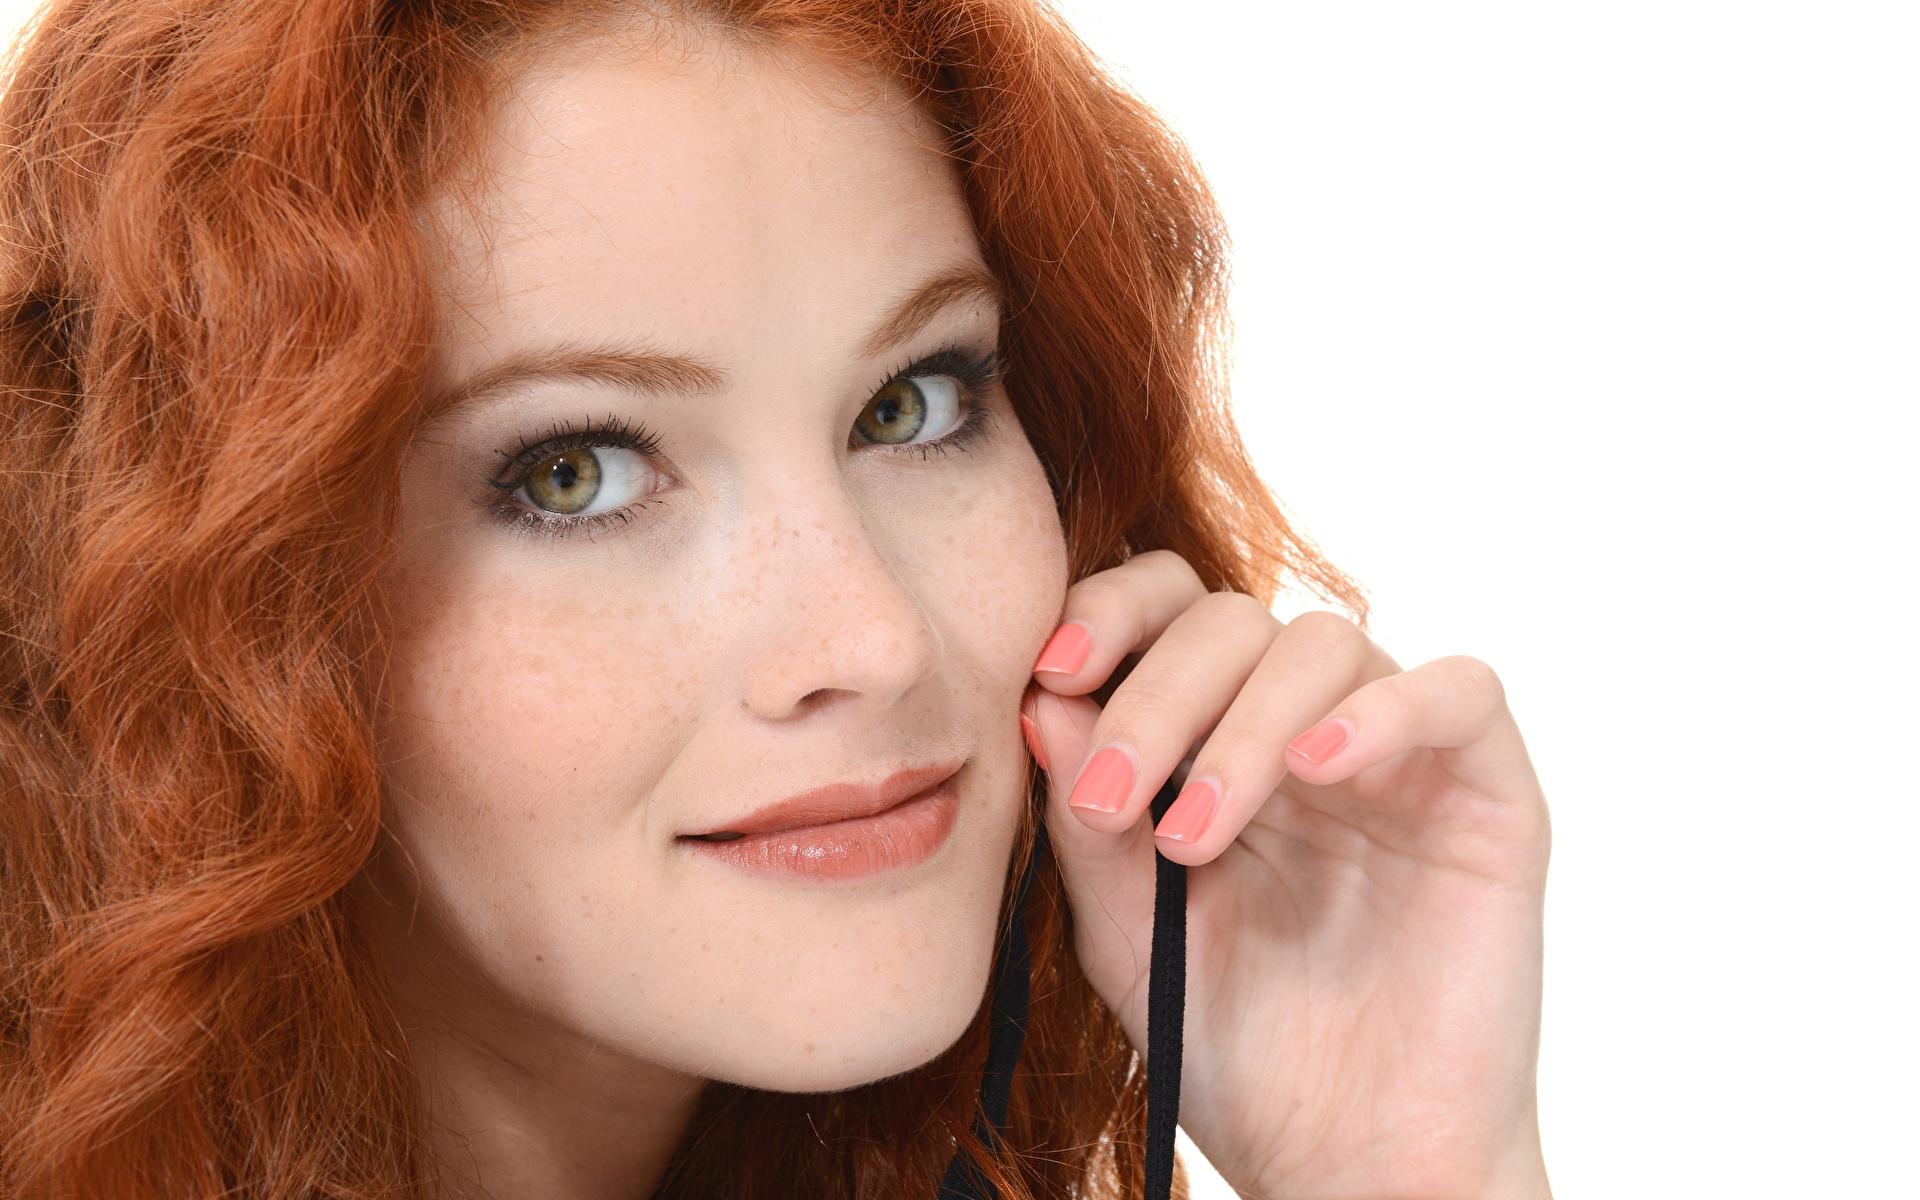 Картинка Heidi Romanova Рыжая Маникюр лица молодая женщина рука Взгляд 1920x1200 рыжие рыжих маникюра Лицо девушка Девушки молодые женщины Руки смотрит смотрят